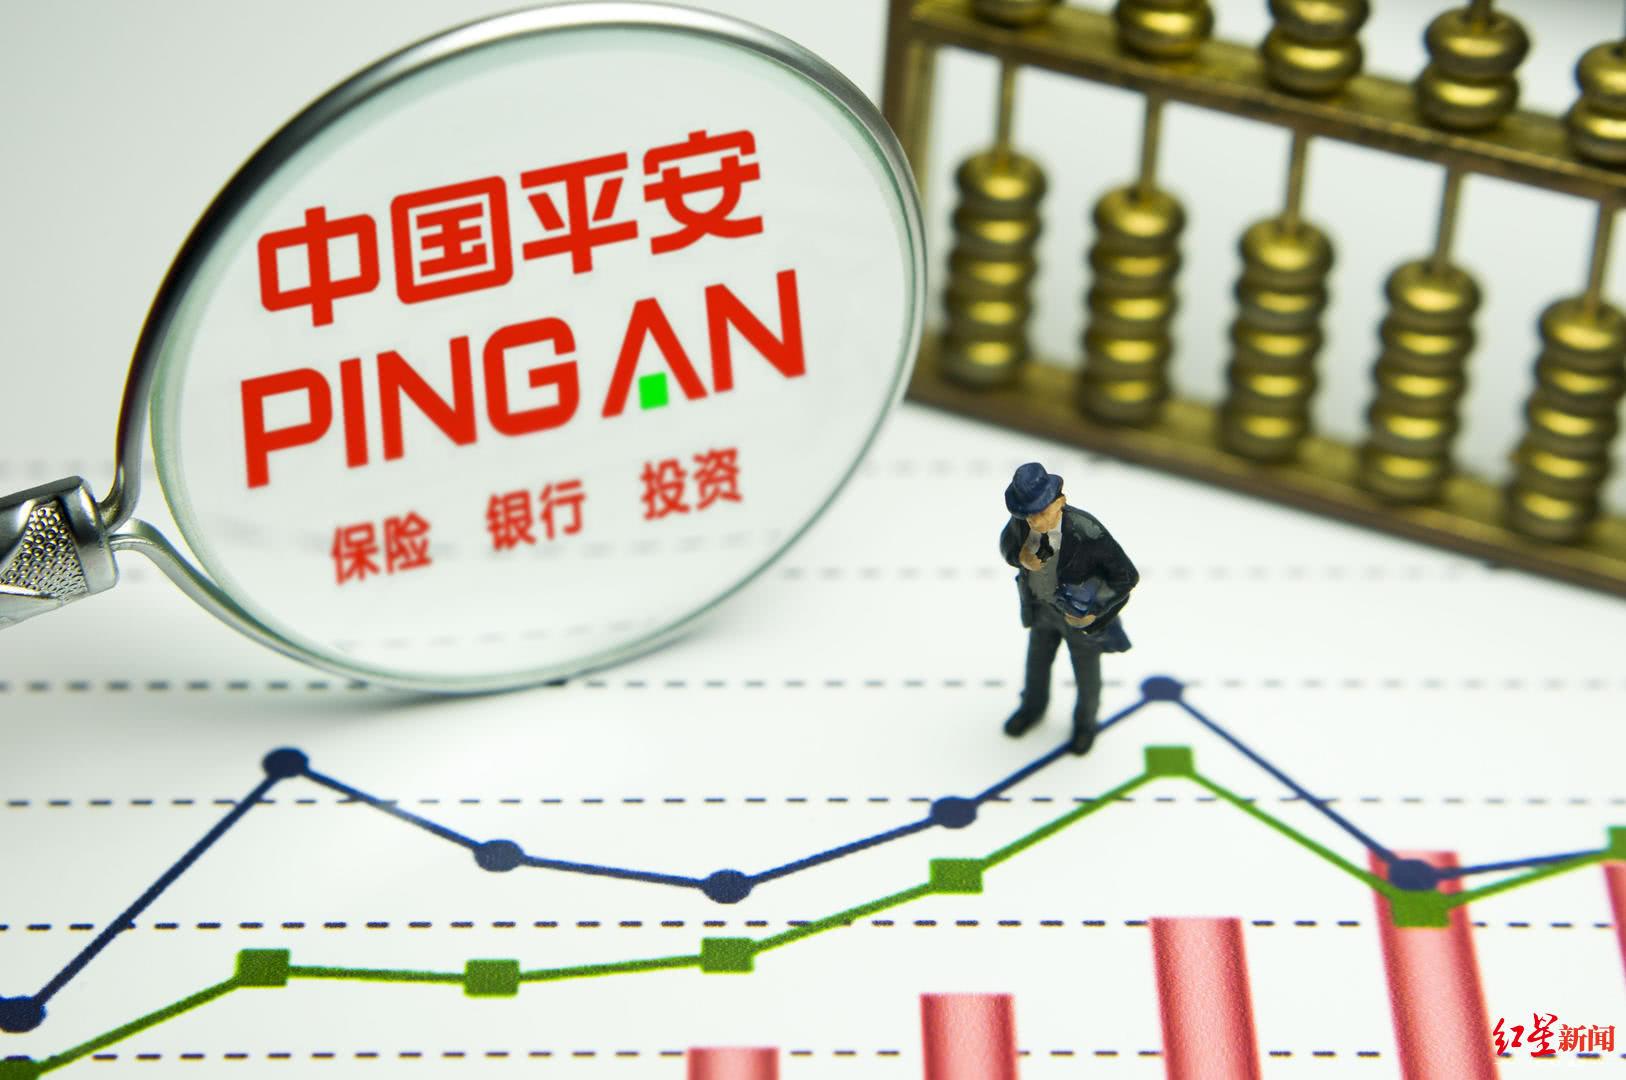 中国平安2019成绩单:利润暴涨近4成,为何股价反而下跌?